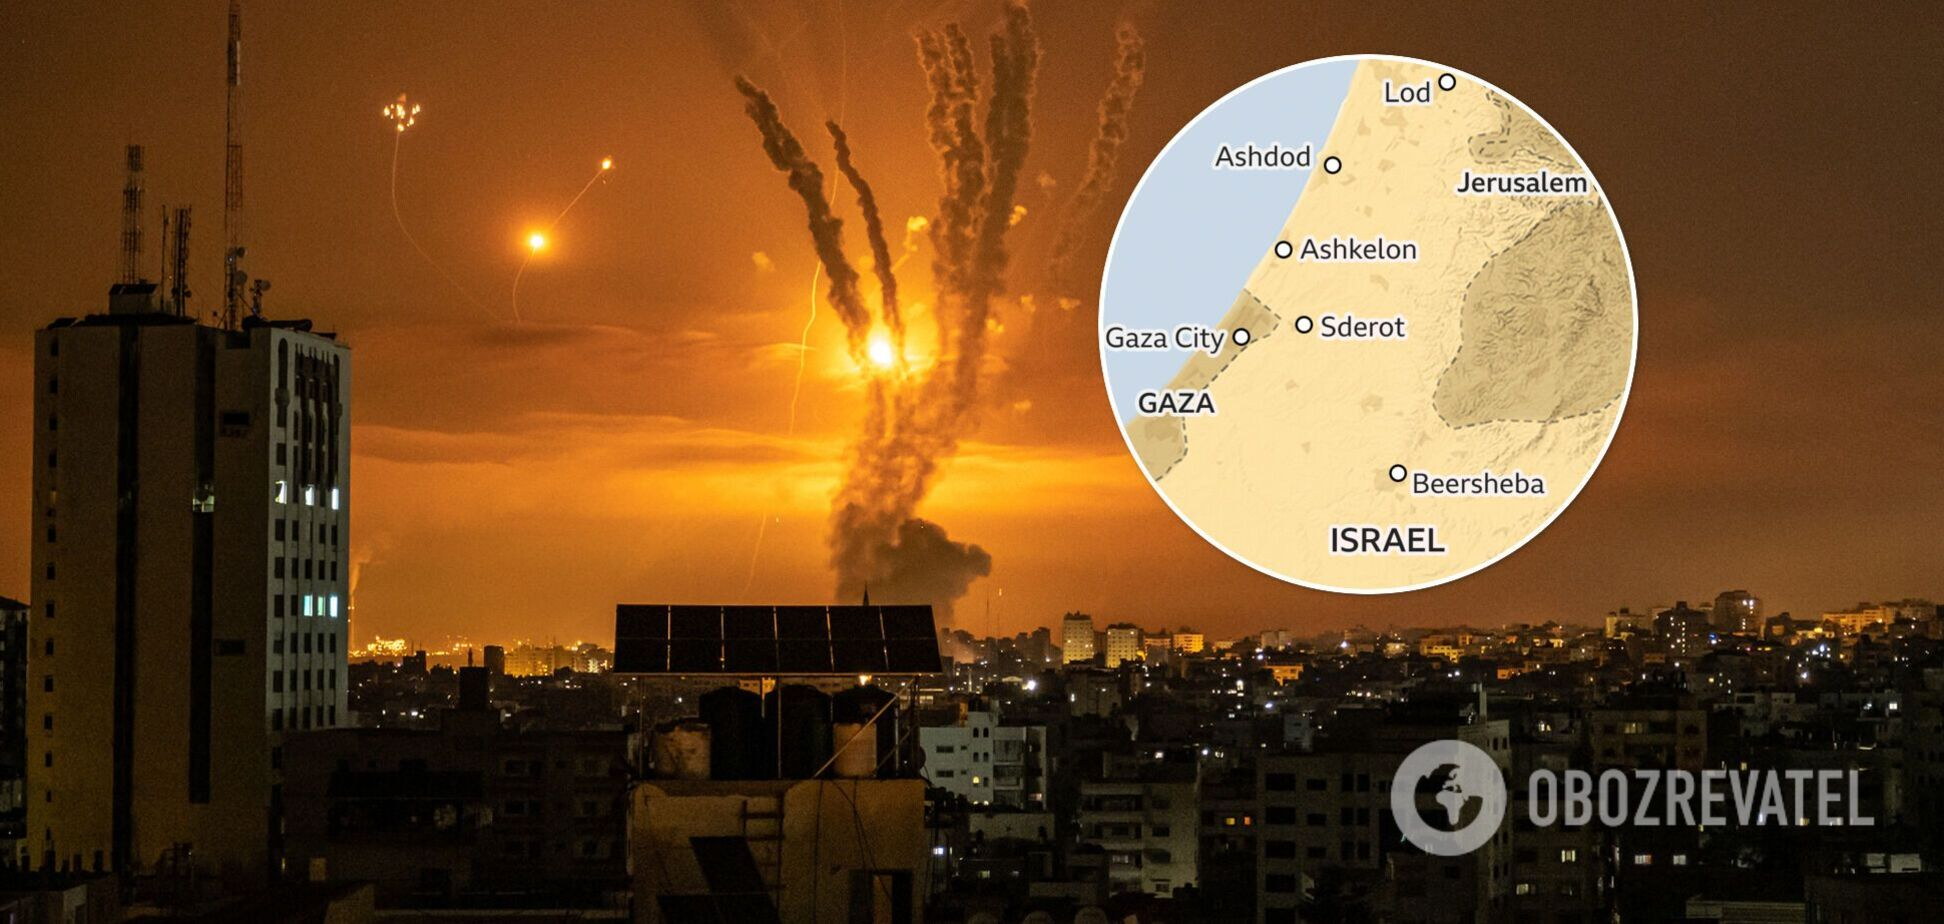 Ізраїль завдав ударів по сектору Гази у відповідь на ракетний обстріл: з'явилися подробиці